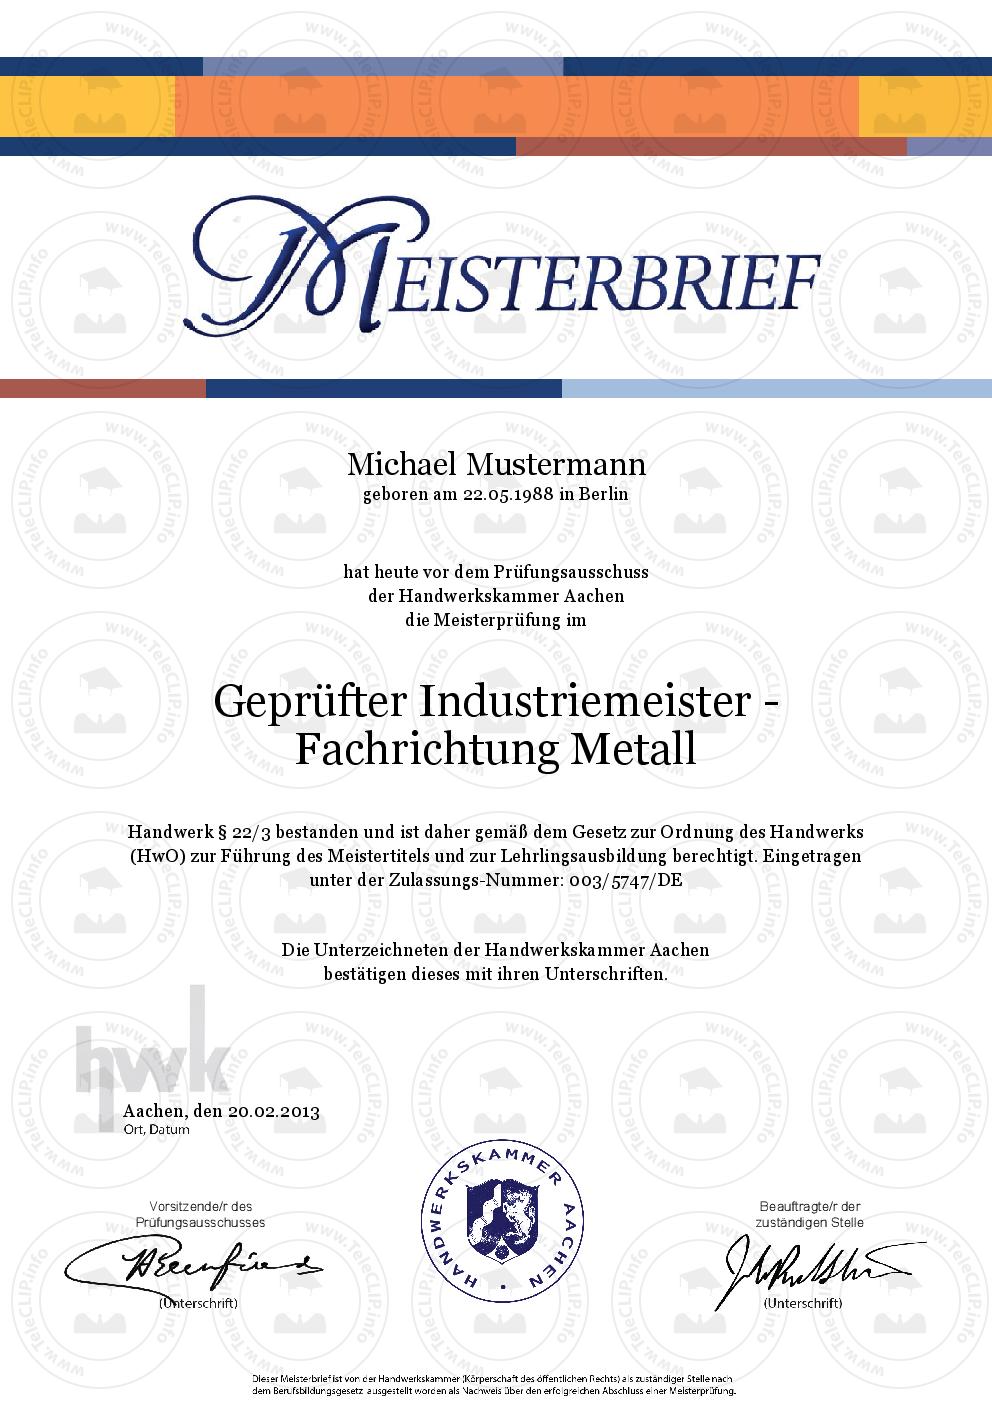 HWK Meisterbrief kaufen | Meisterprüfung online kaufen